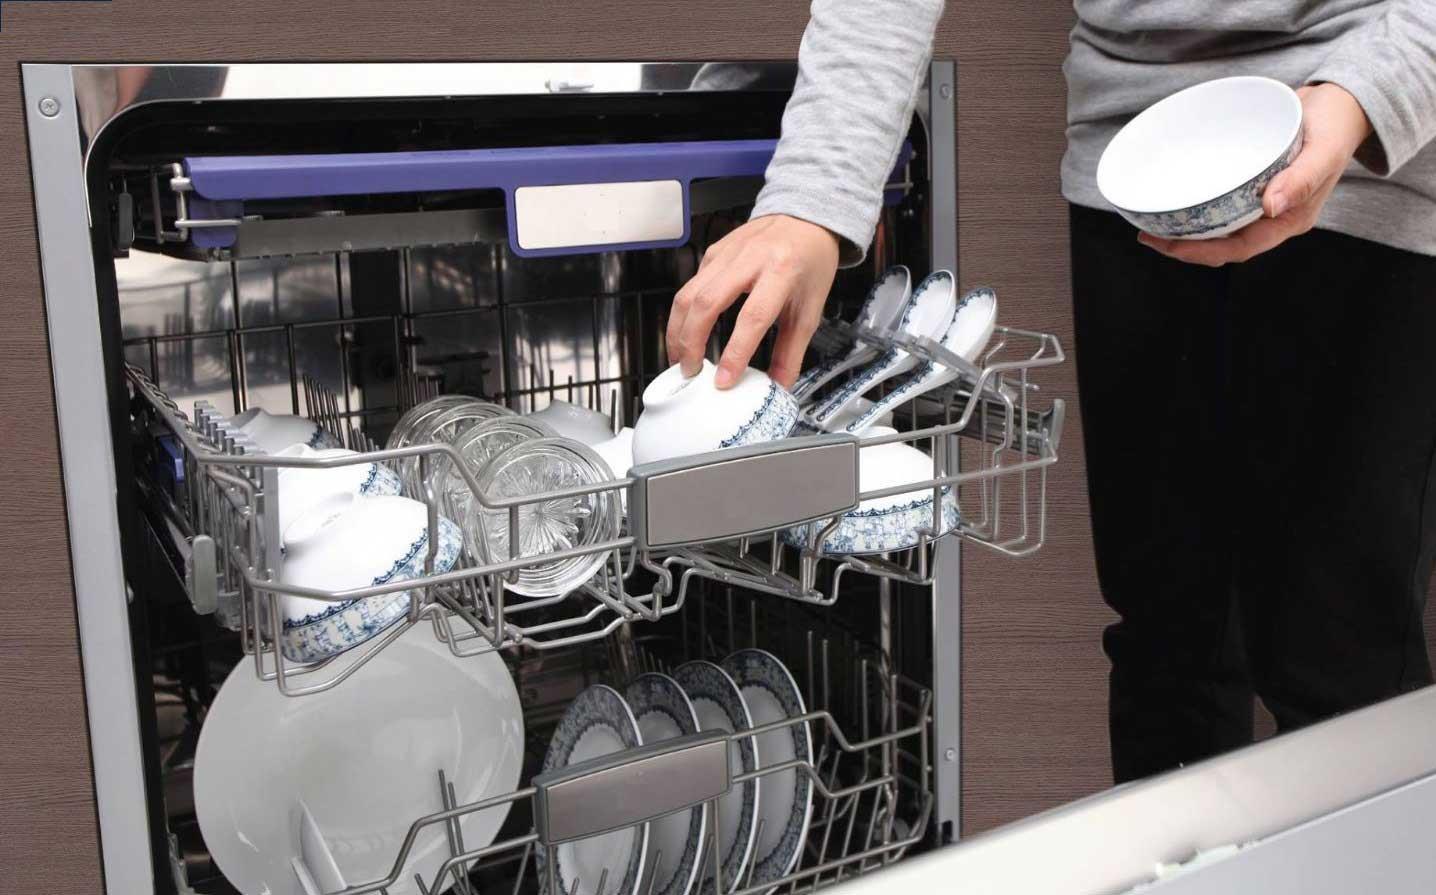 Có nên mua máy rửa bát? ảnh 1